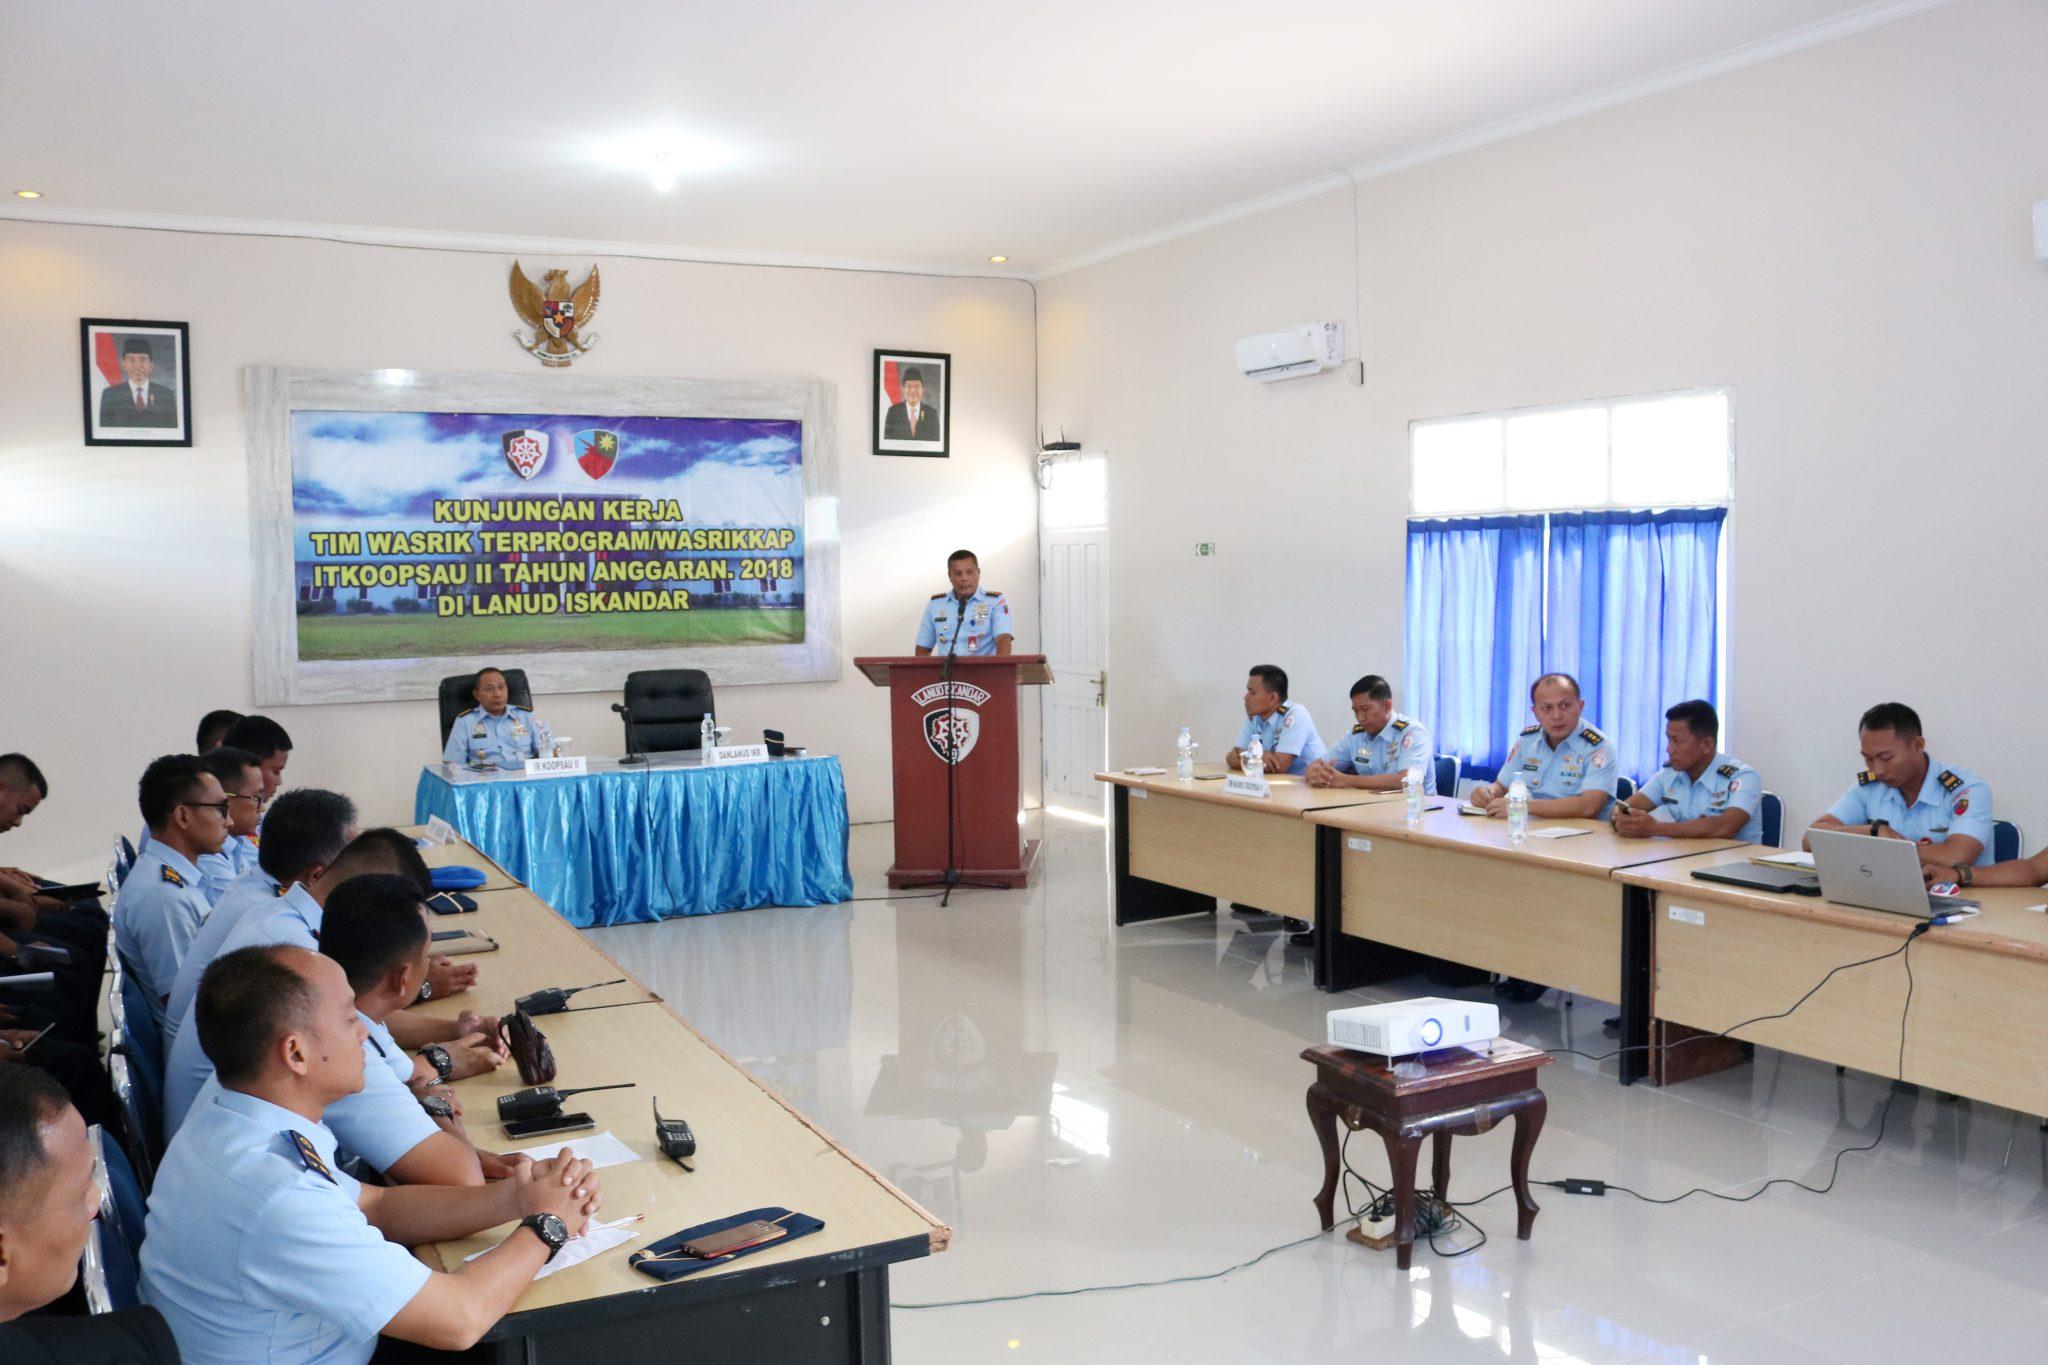 Taklimat Awal ItKoopsau II di Lanud Iskandar